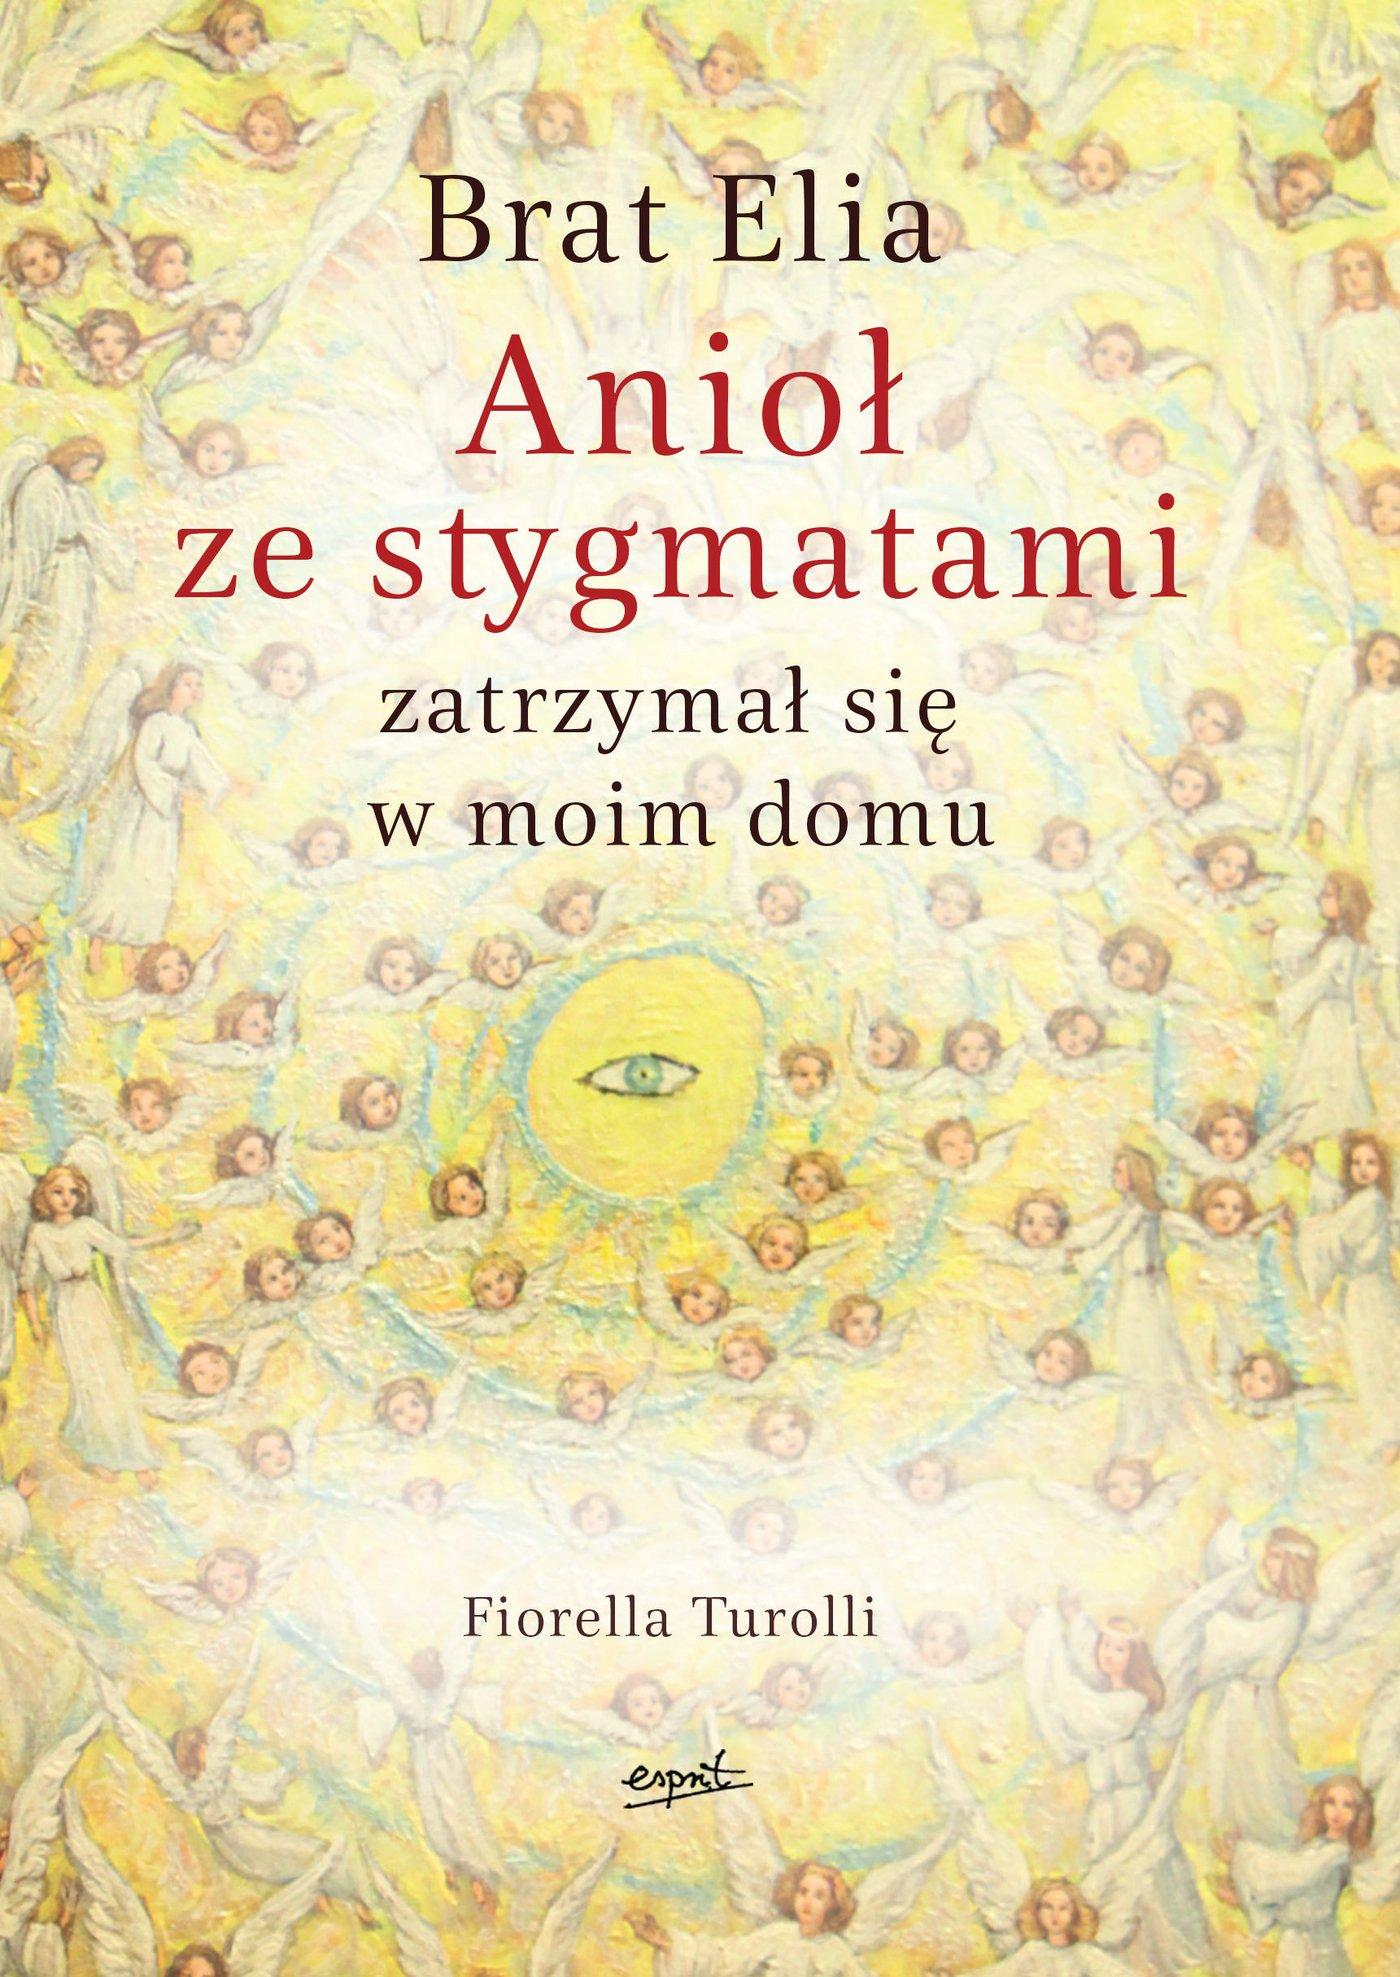 Brat Elia. Anioł ze stygmatami zatrzymał się w moim domu - Ebook (Książka na Kindle) do pobrania w formacie MOBI